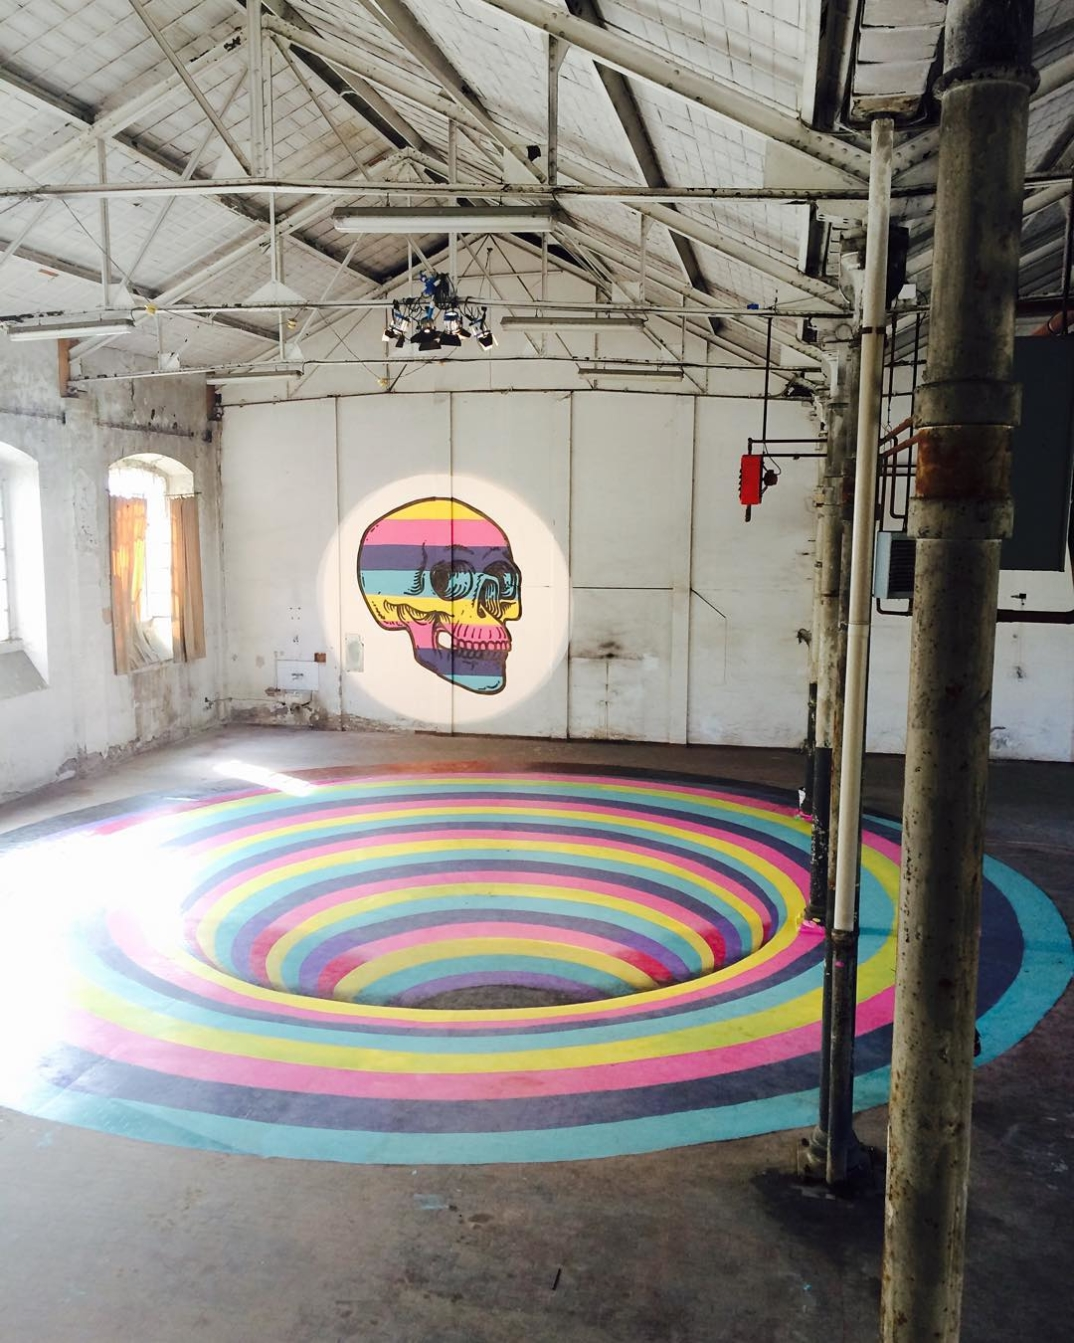 installazione-arte-facing-immortality-insa-outdoor-festival-roma-4